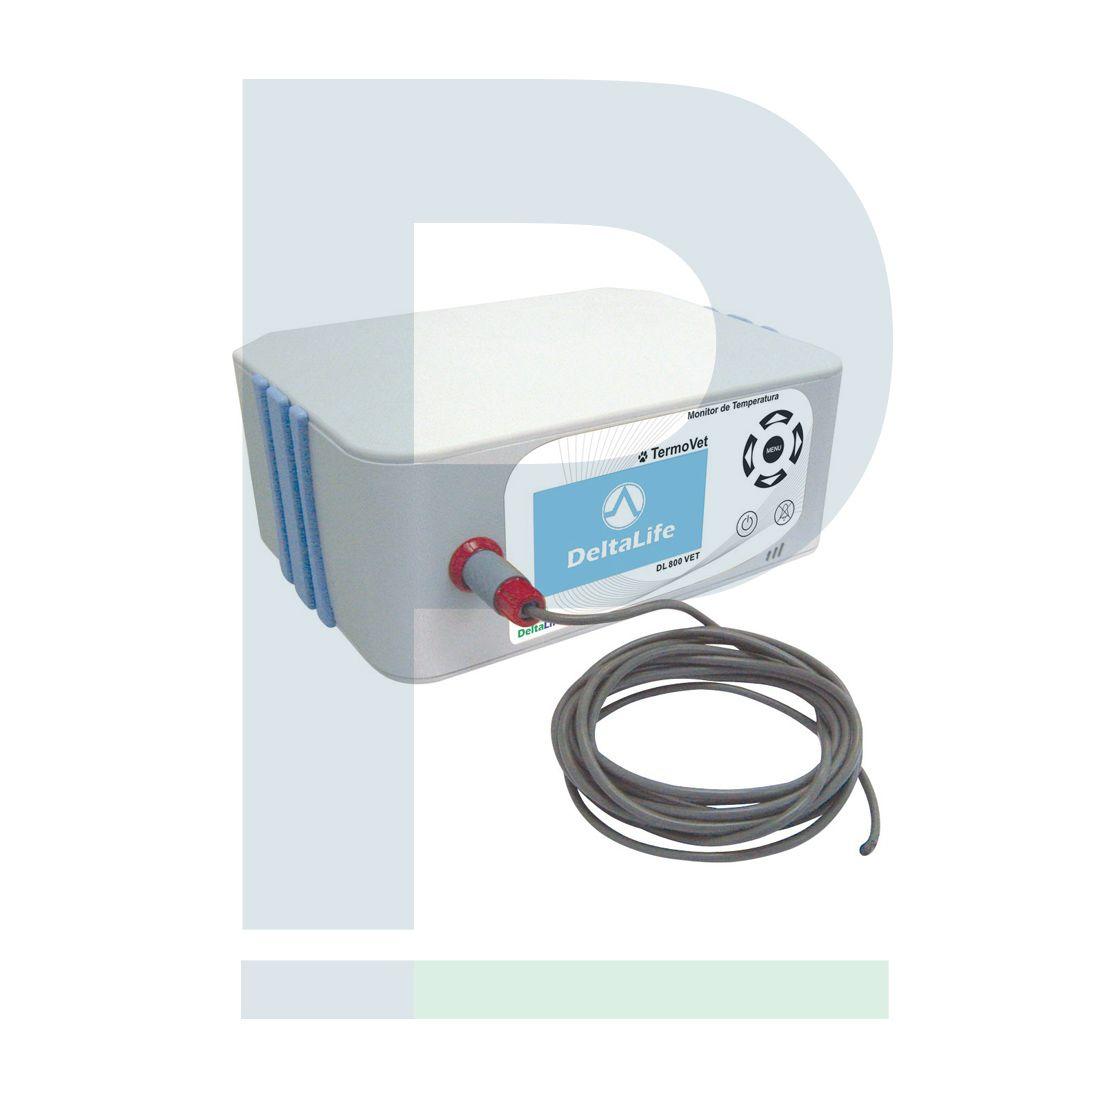 G - Monitor De Temperatura Veterinário TermoVet - DL 800